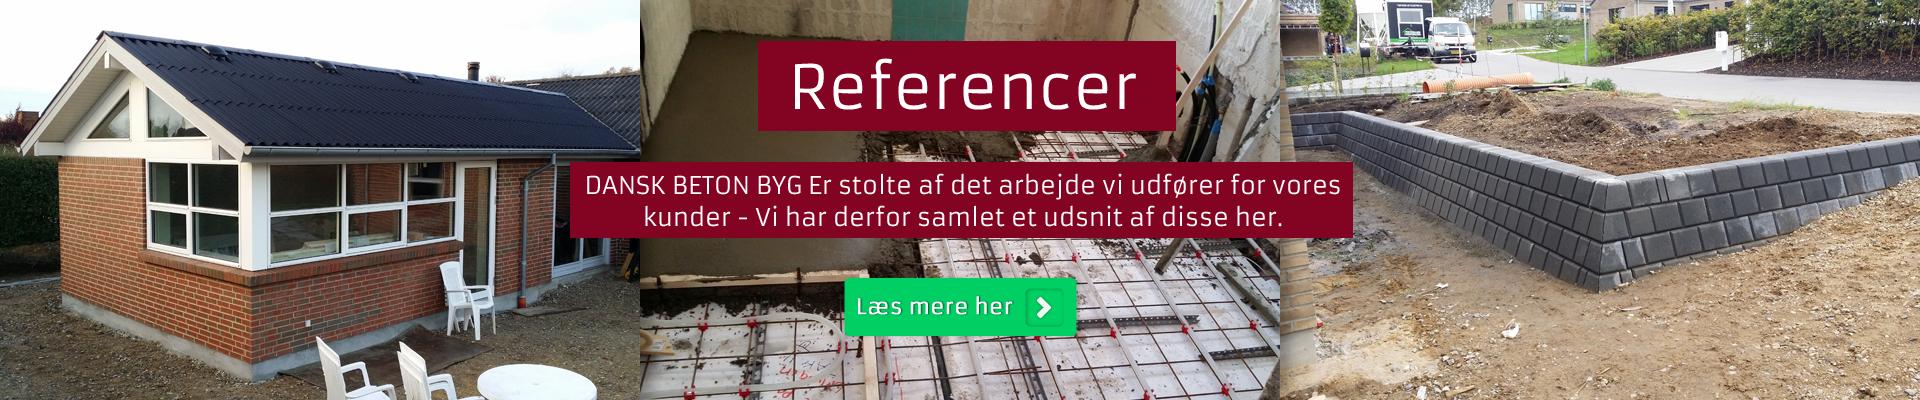 4-referencer-dansk-beton-byg